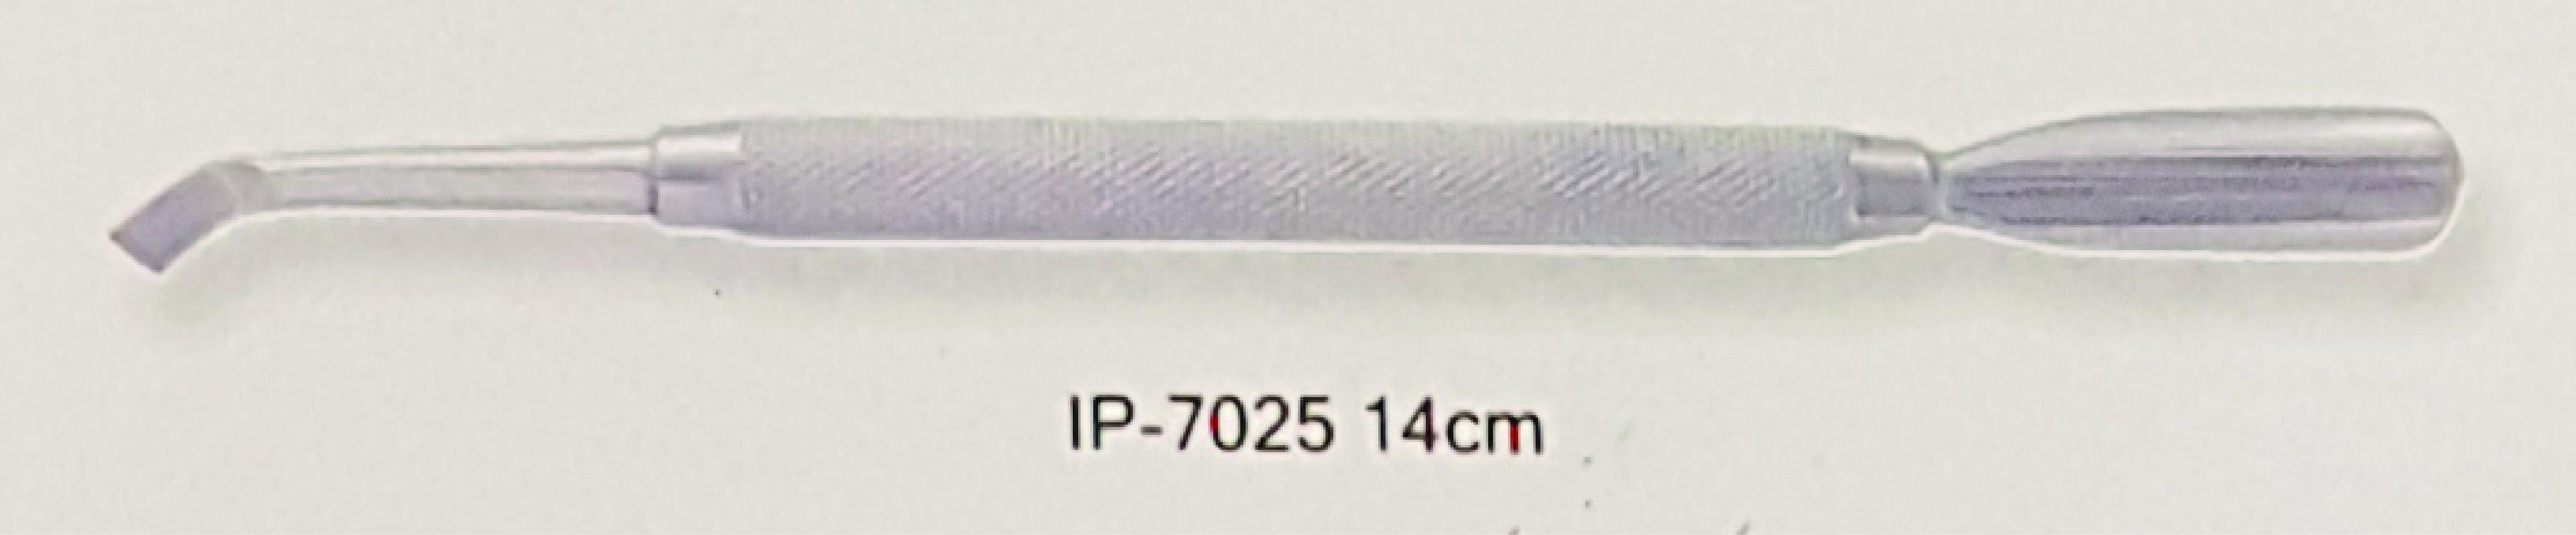 IP-7025 14cm